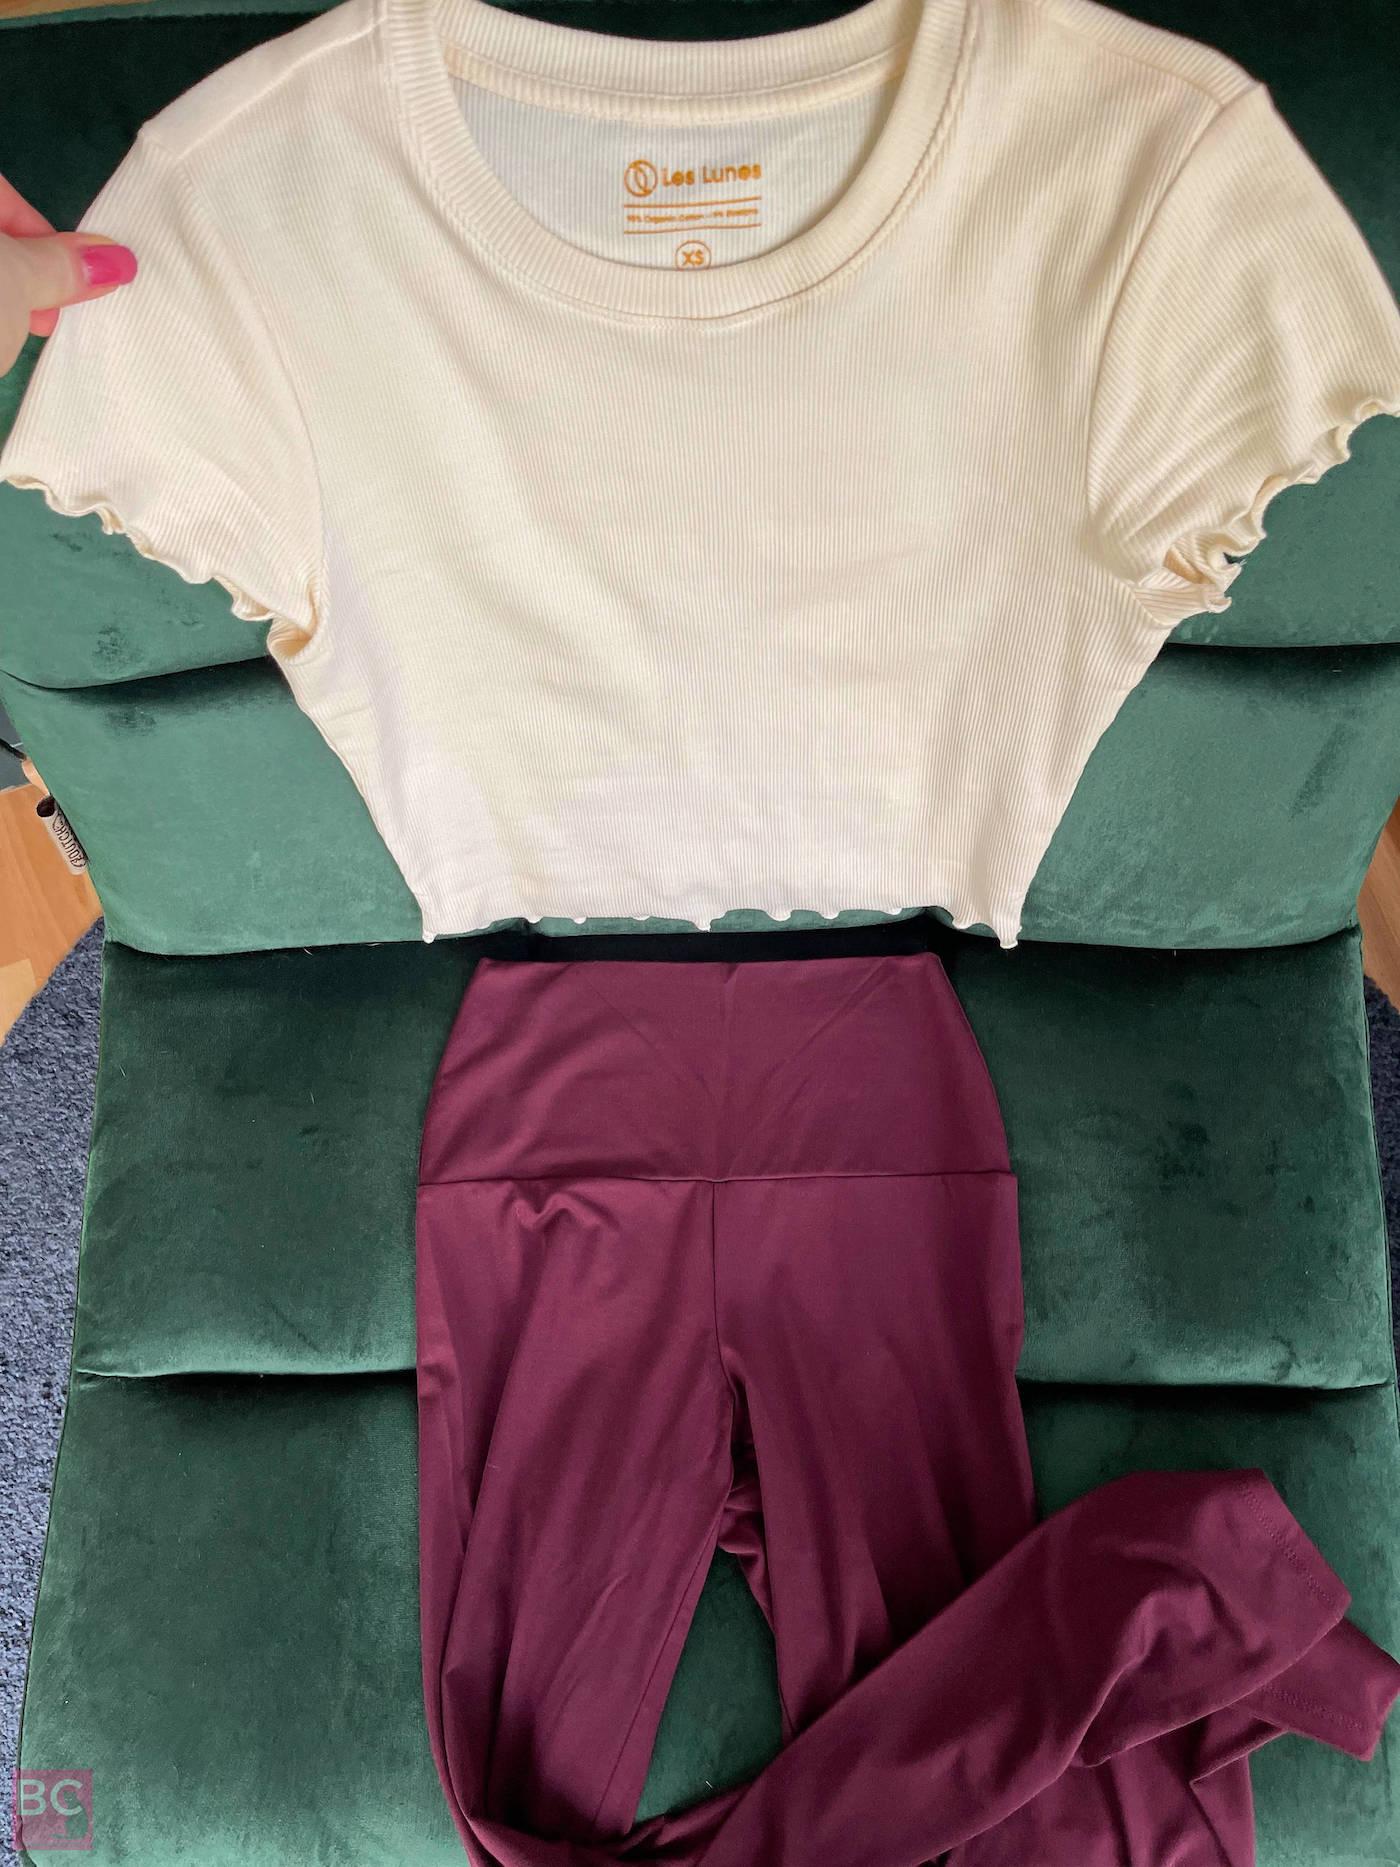 Kombination Apil Shirt und Luna Leggings Les Lunes Luna Leggings Erfahrungen